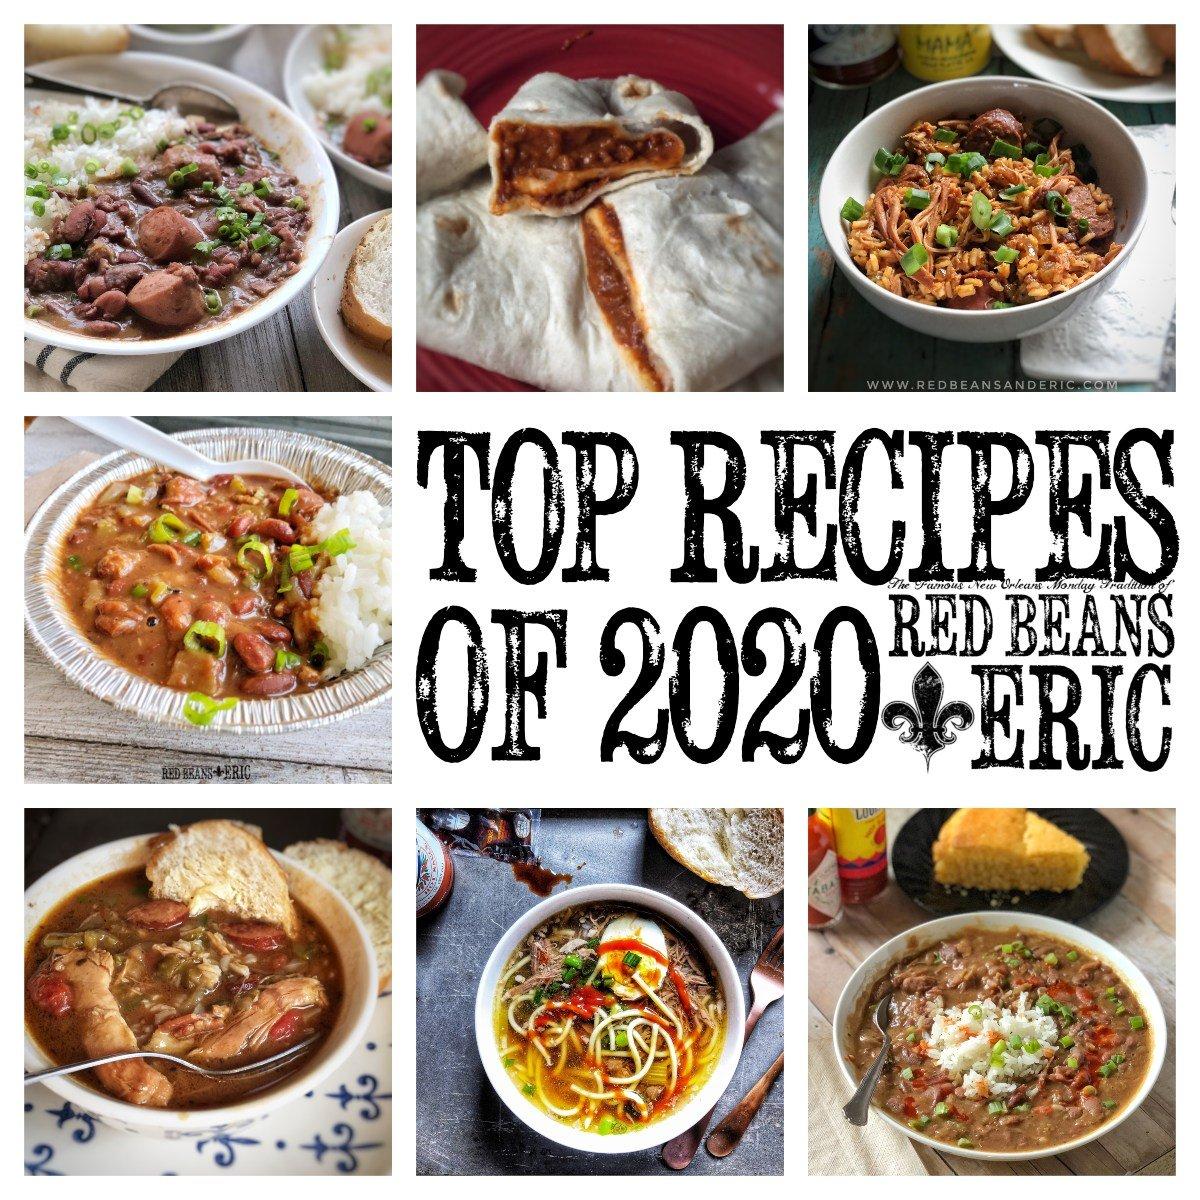 Top 10 Recipes of 2020 on RedBeansAndEric.com